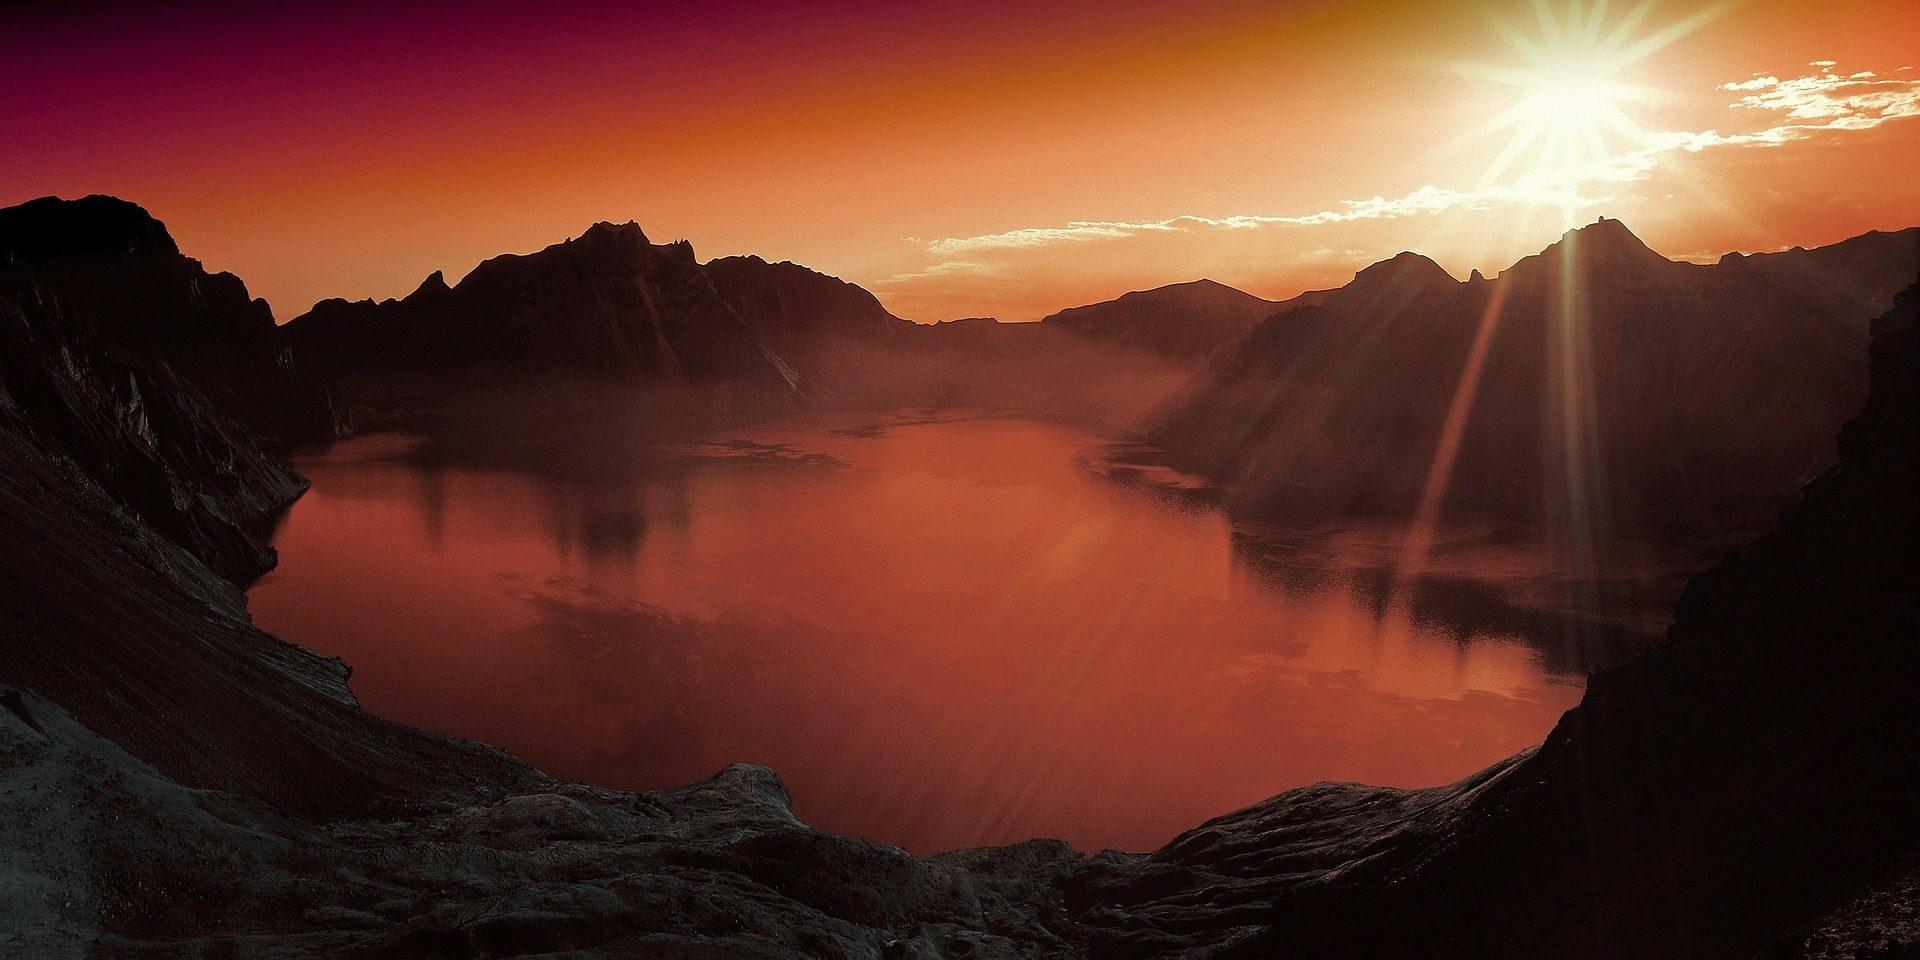 puesta, sol, lago, montañas, atardecer - Fondos de Pantalla HD - professor-falken.com